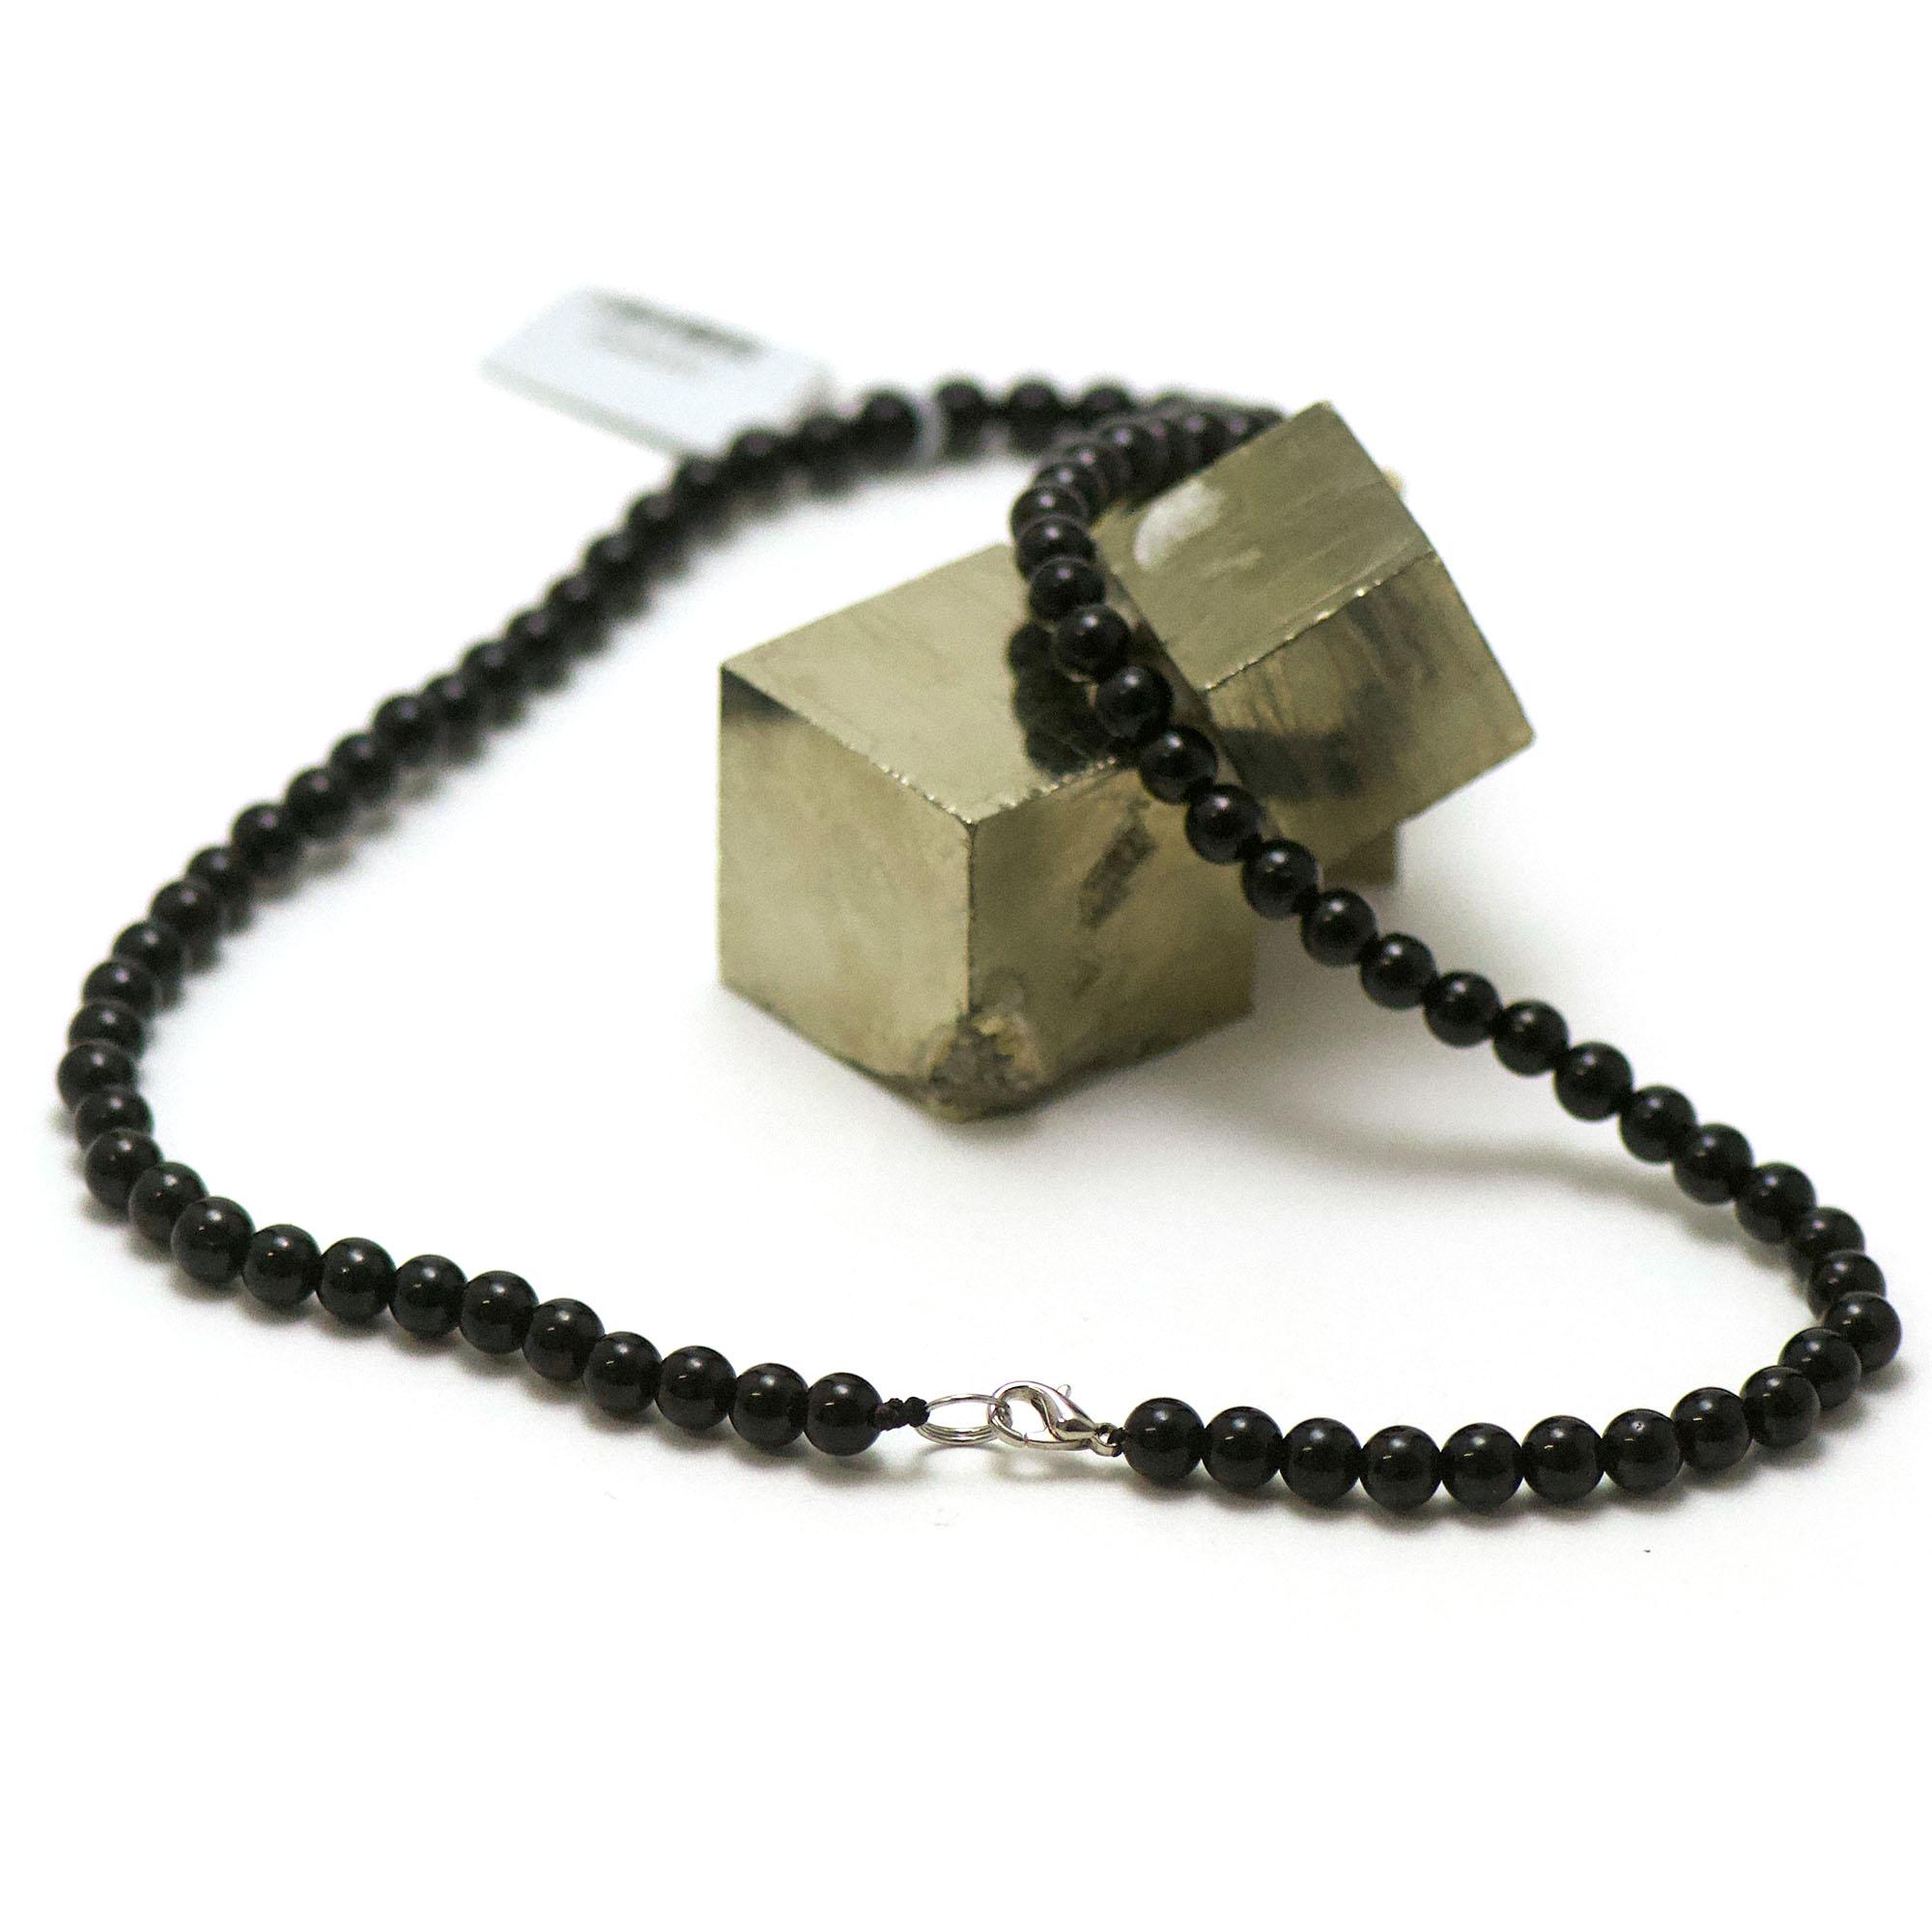 collier en tourmaline noir, perle ronde 6 mm